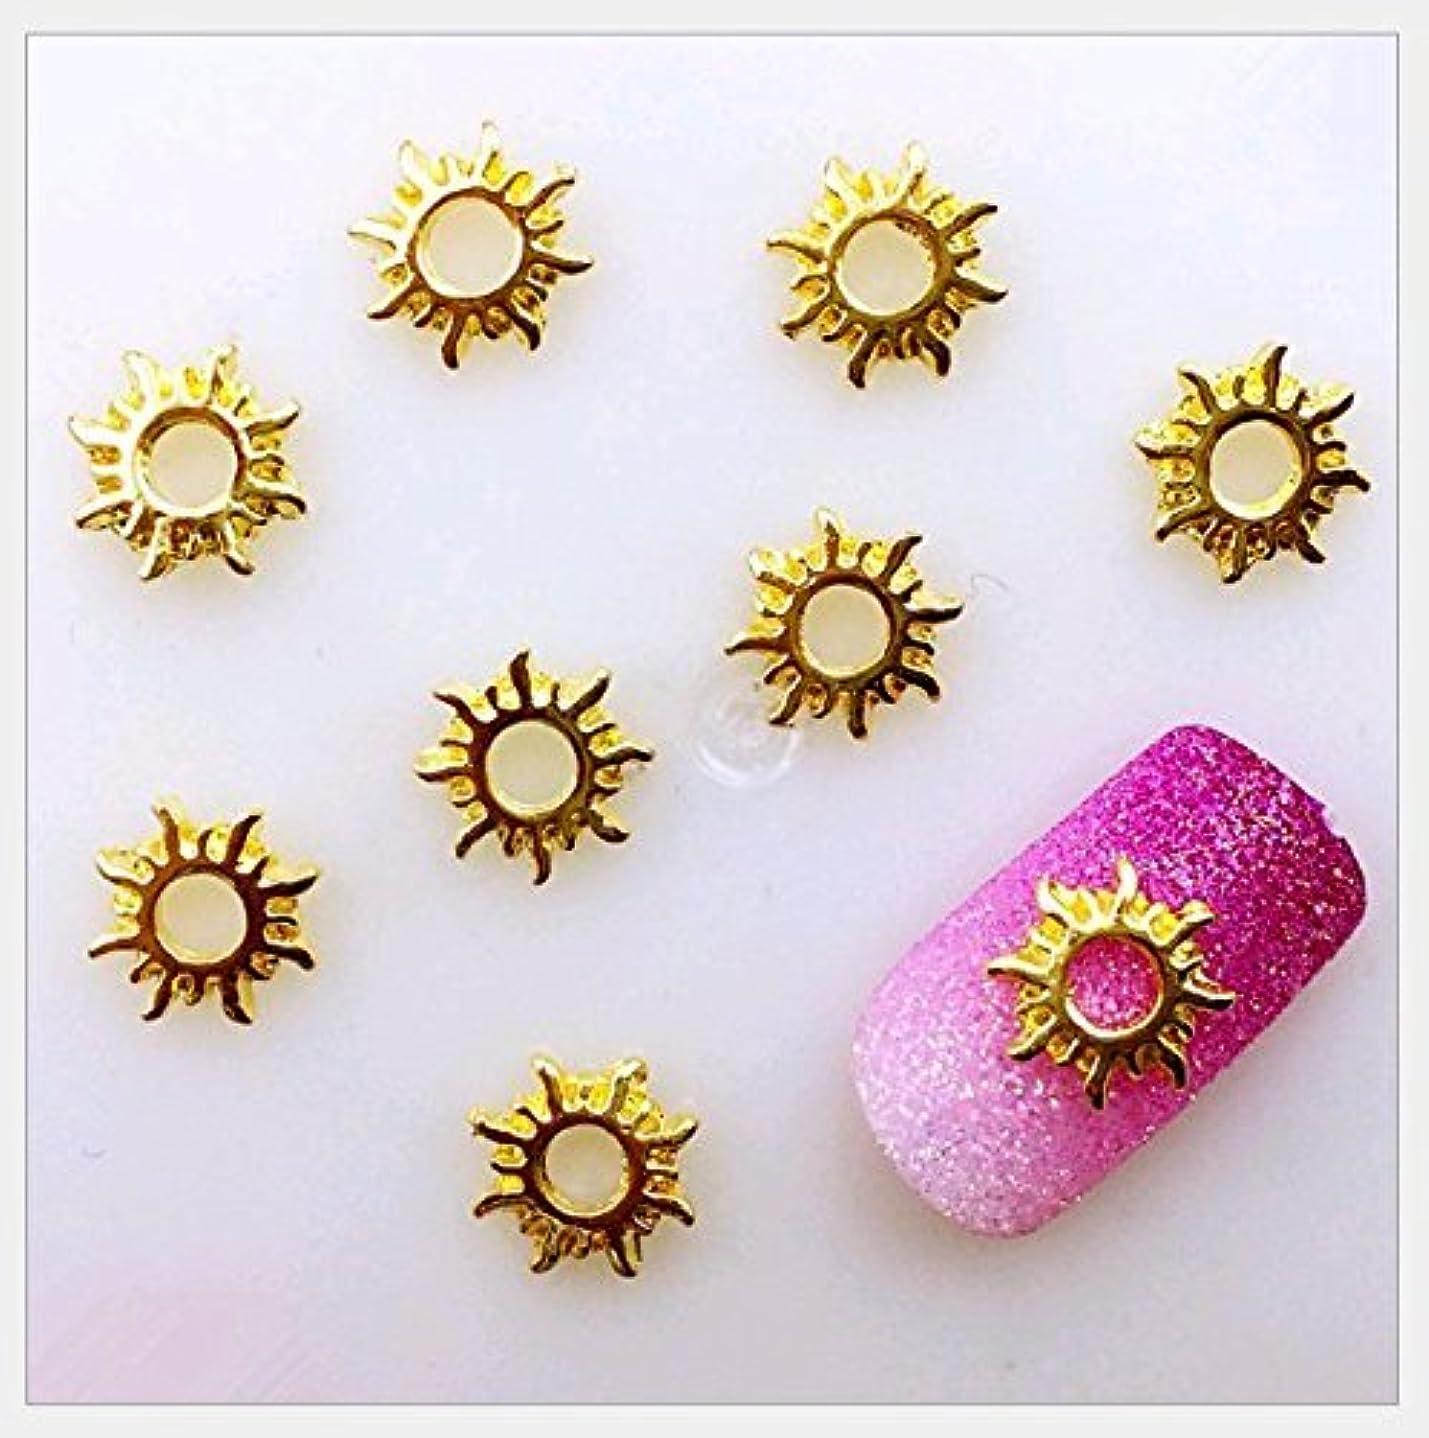 娘応用些細ノーブランド品 太陽フレーム(7ミリ)ゴールド 15個入り メタルパーツ ネイルパーツ スタッズ ネイル用品 GOLD アート デコ素材